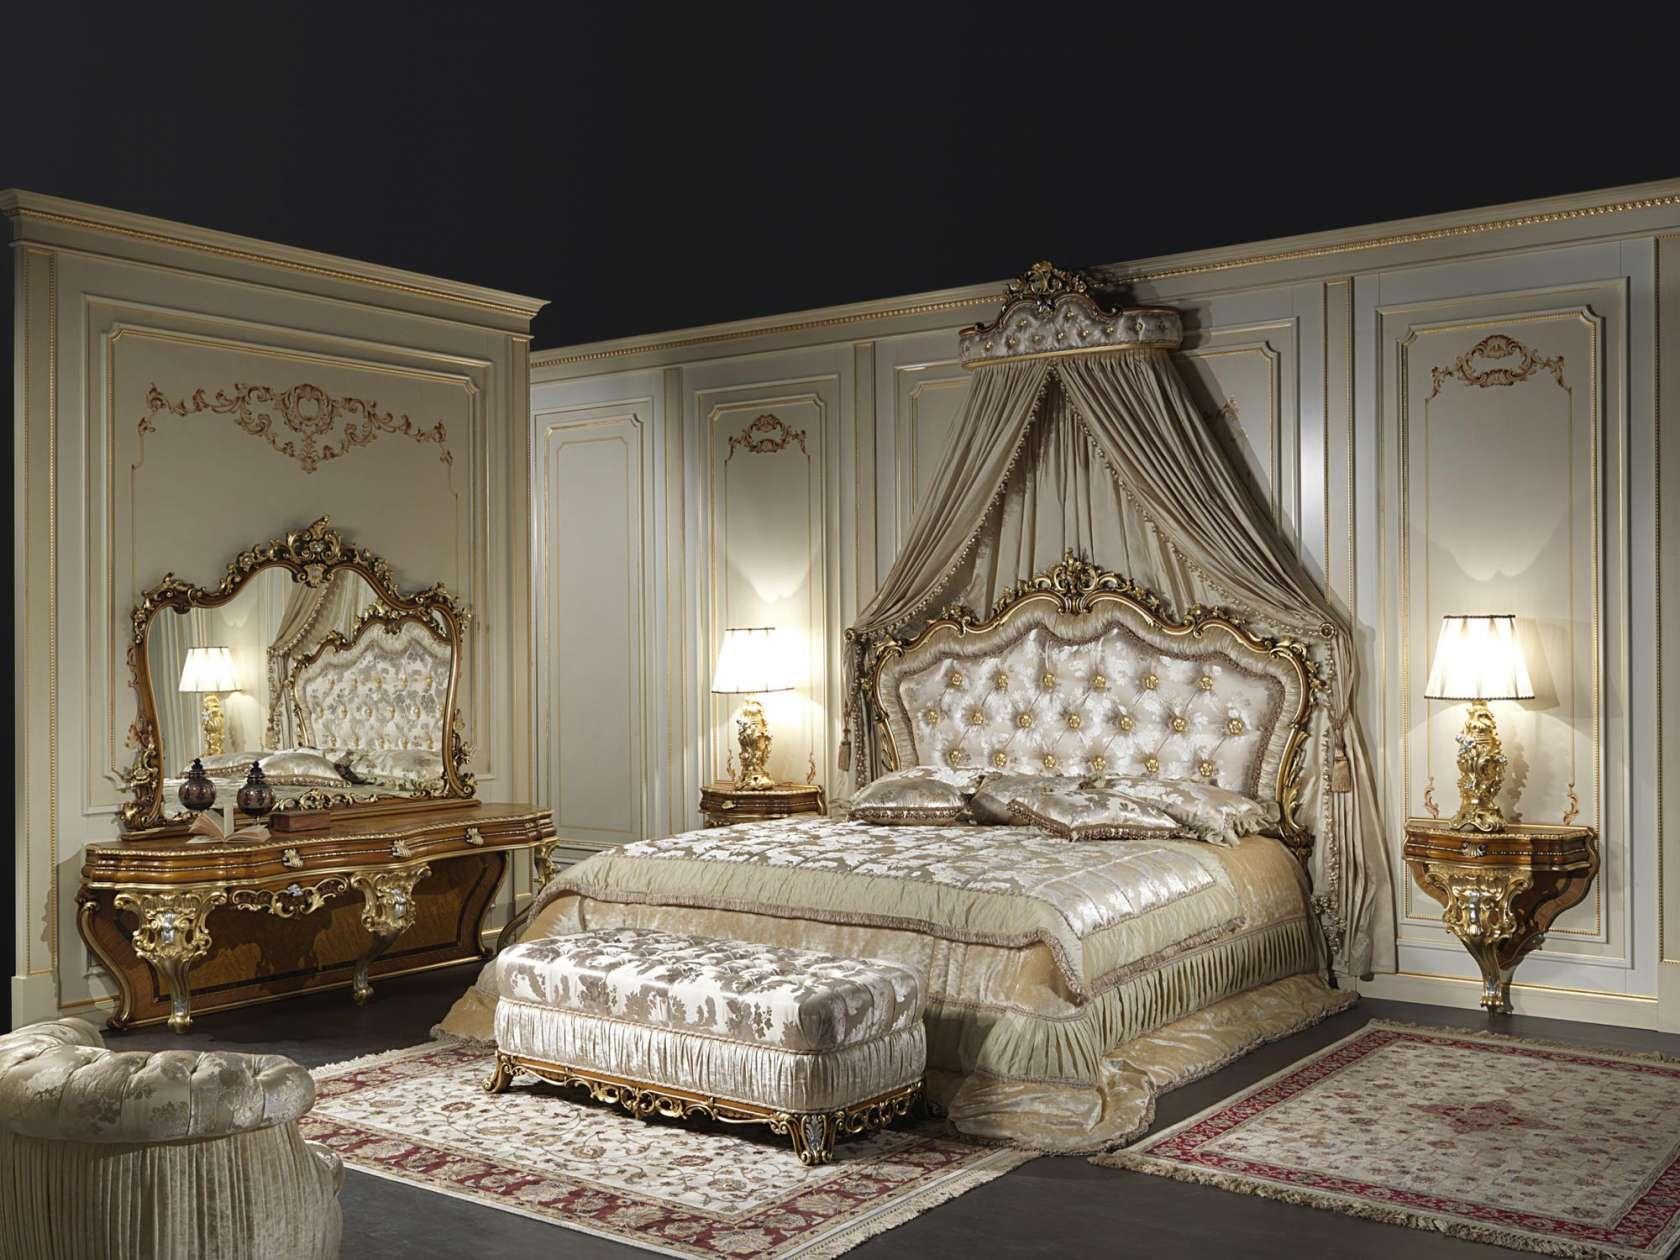 Camera classica barocca art 2013 vimercati meda - Camere da letto stile barocco ...